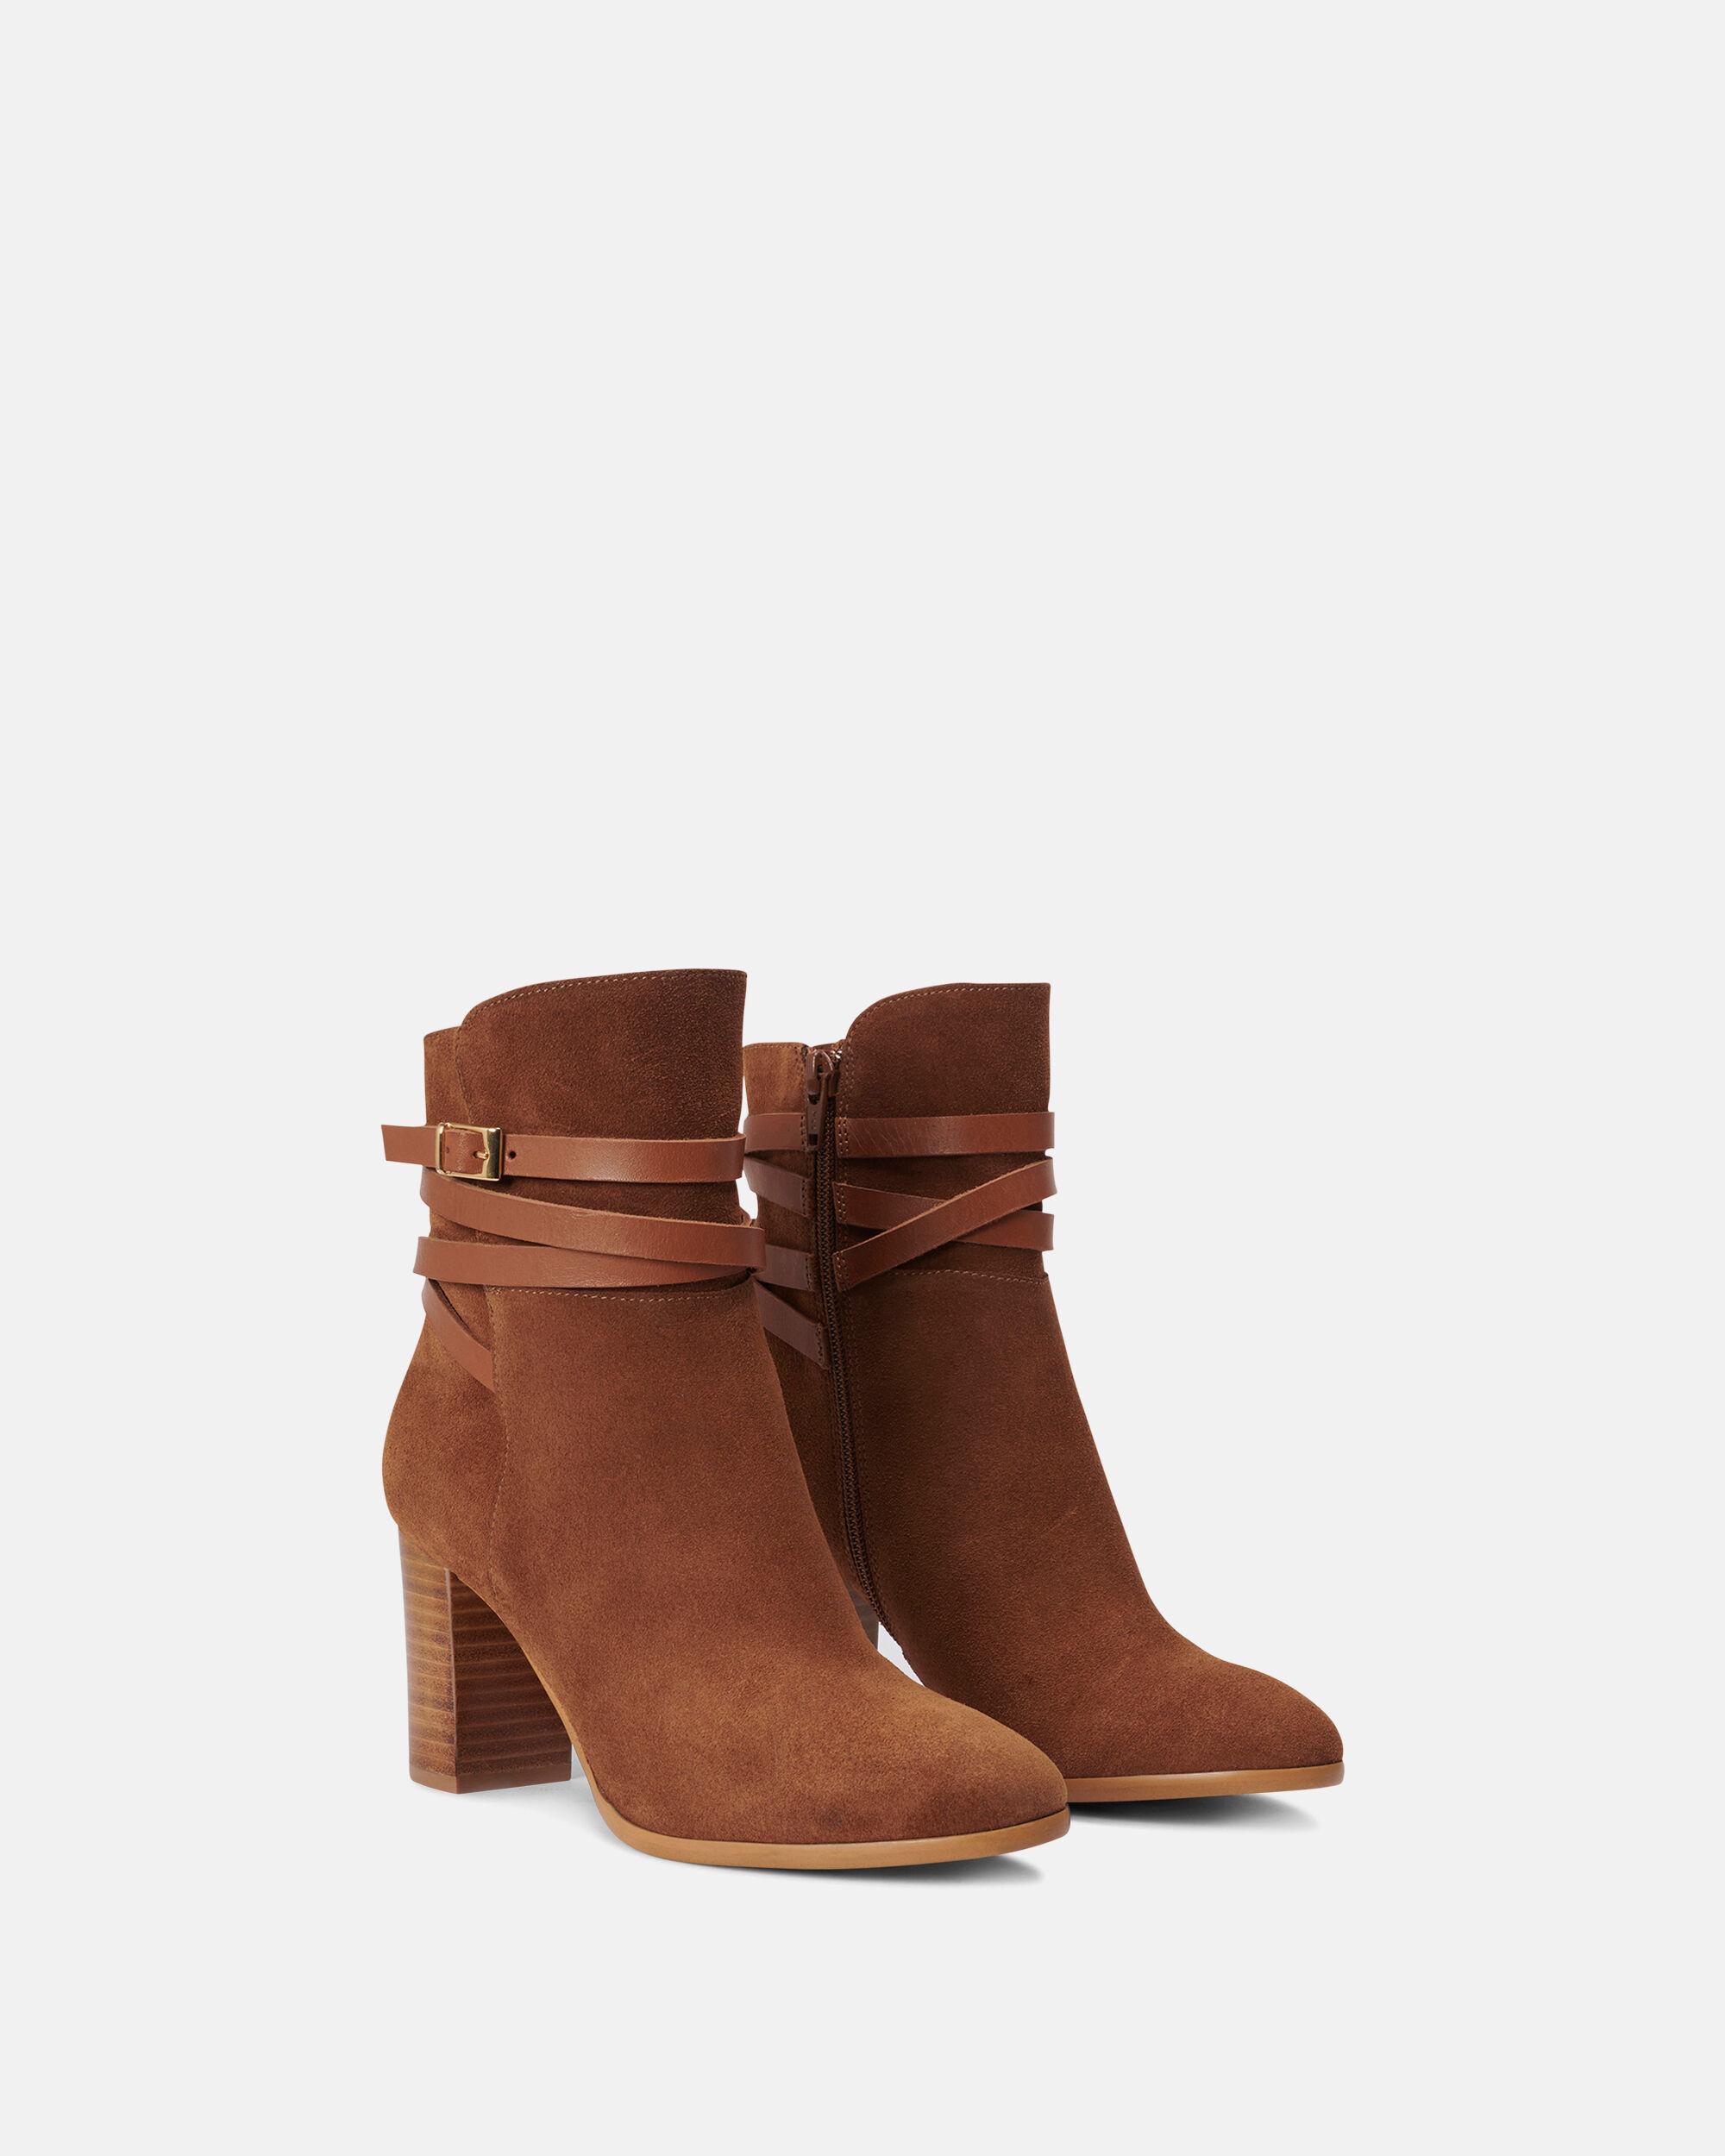 2cdbb525794bd0 Homme Chaussures Femme Démarque Ultime Minelli Enfant qEp1Cwpdn